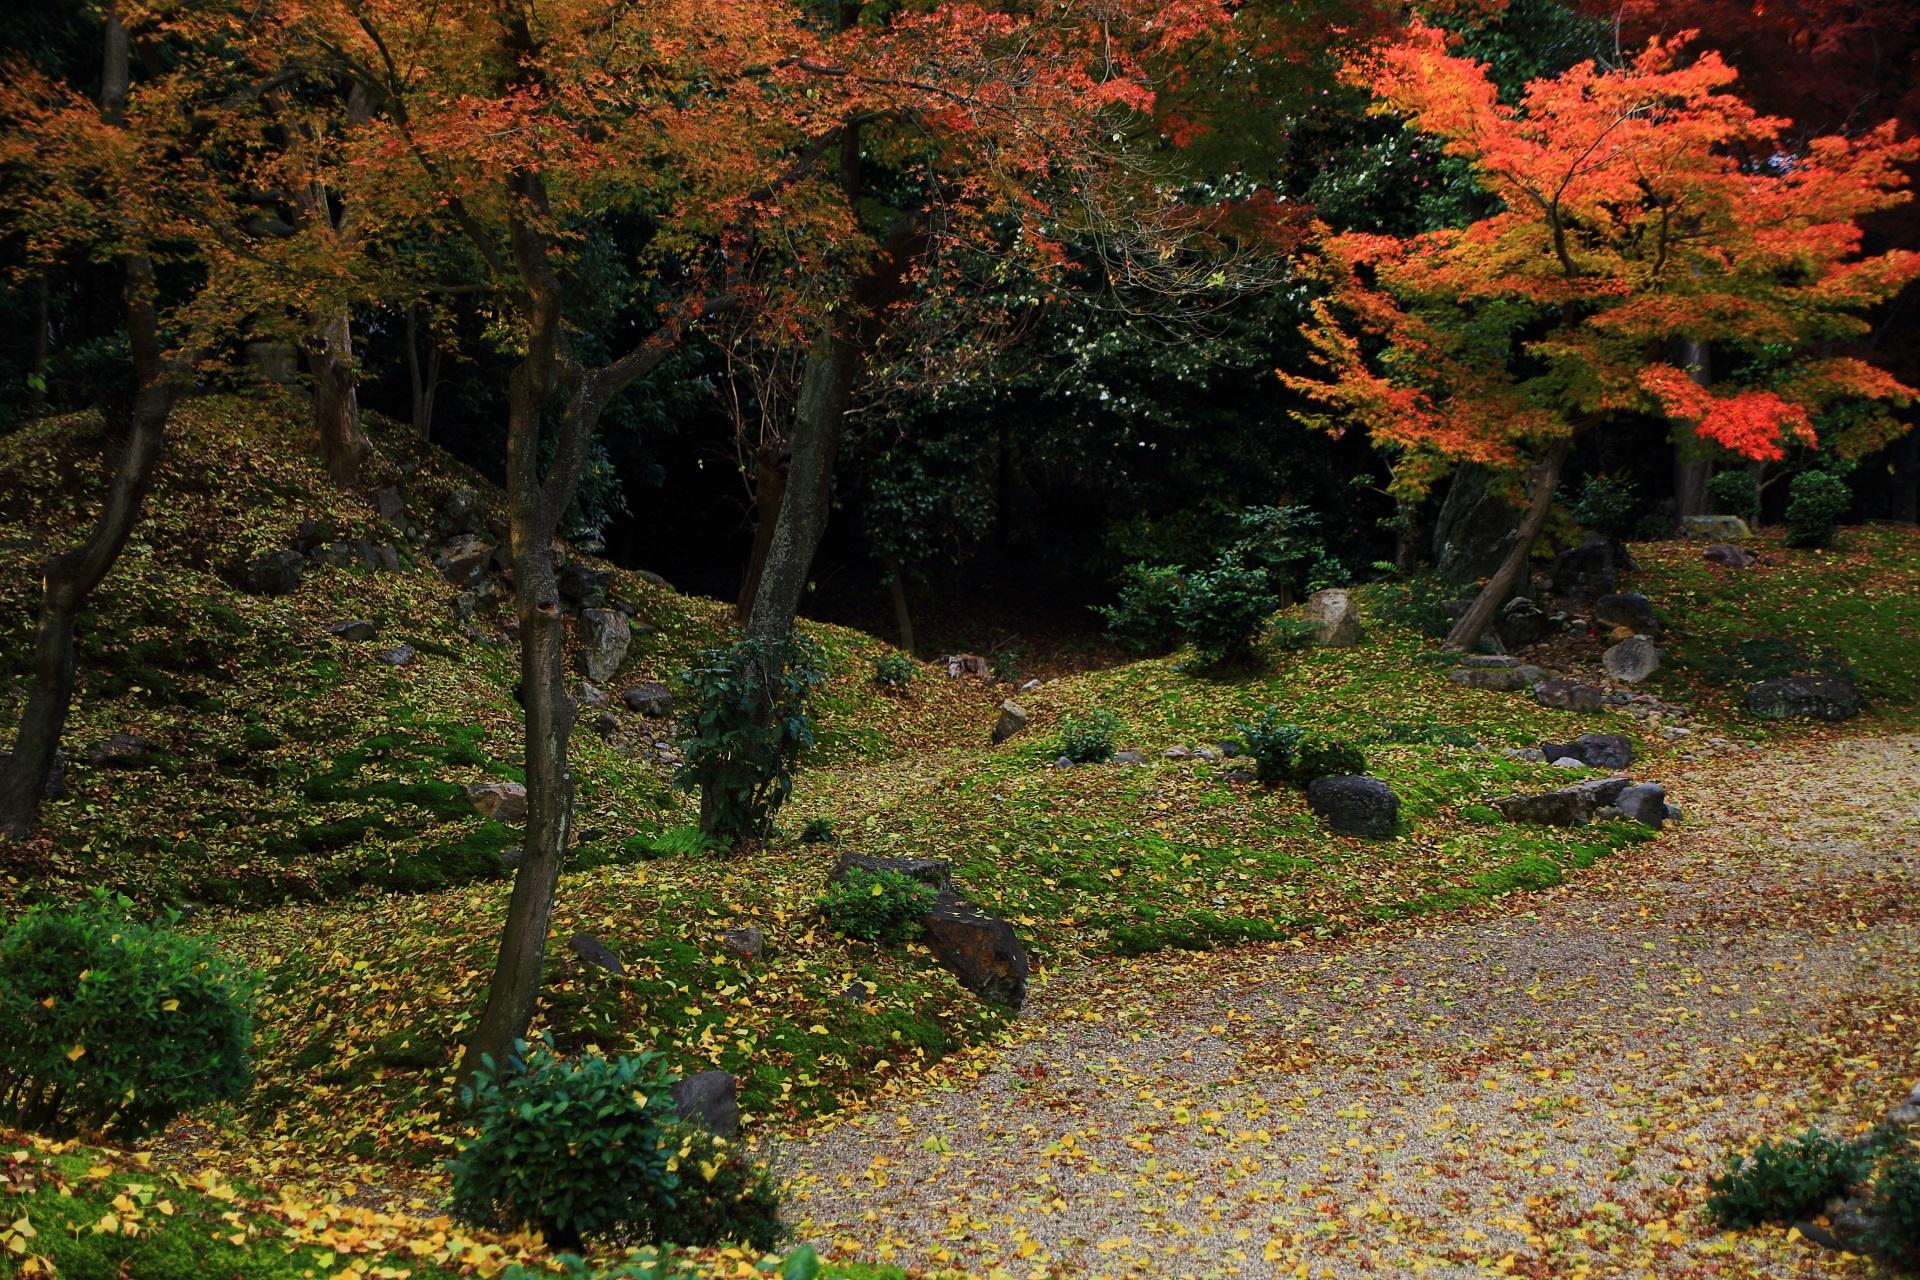 立本寺の散り銀杏に彩られた築山と庭園を華やぐ鮮やかな紅葉